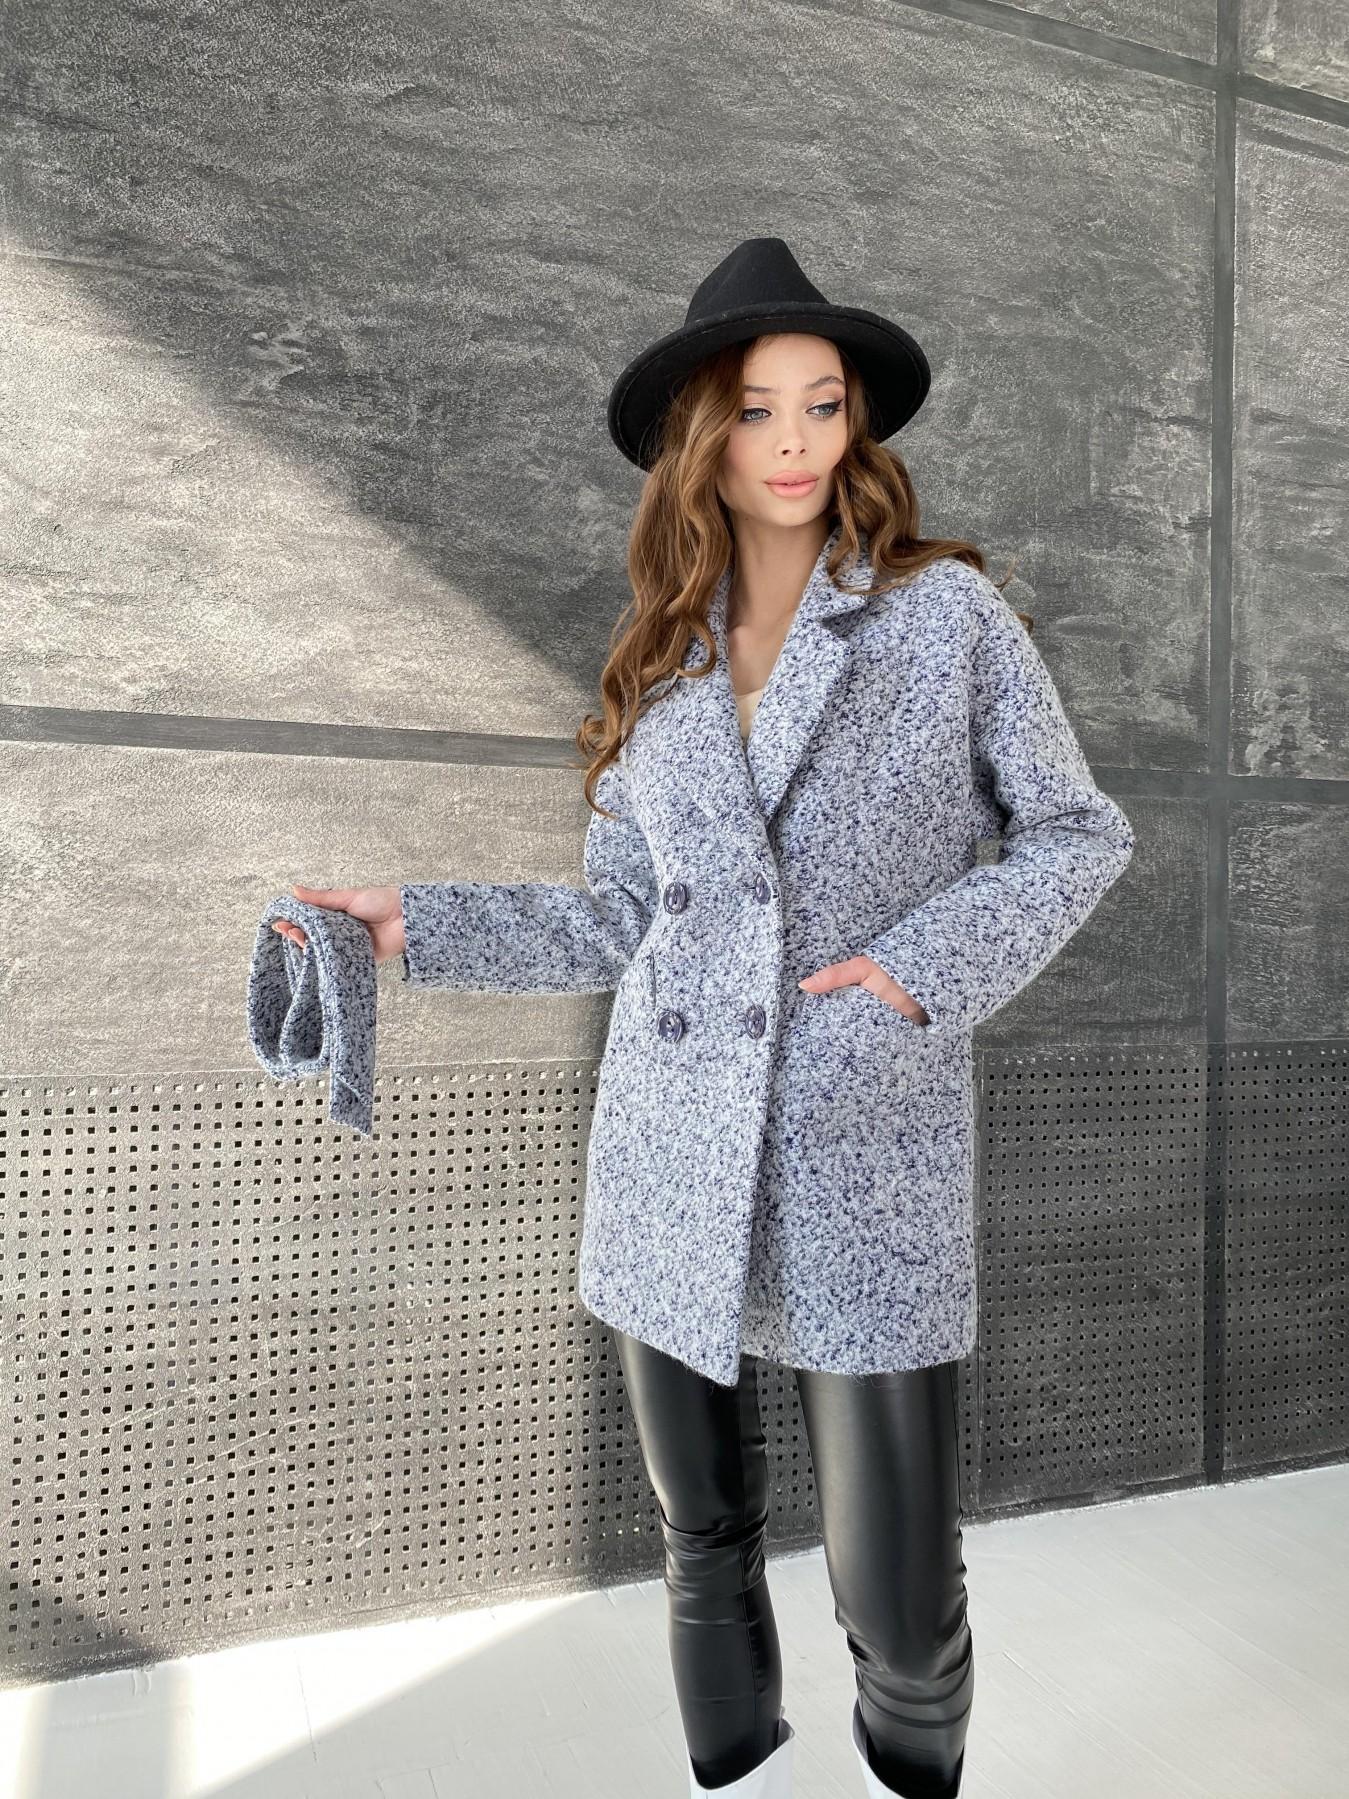 Бонд пальто из шерсти букле  10770 АРТ. 47199 Цвет: Серо-голубой 60 - фото 1, интернет магазин tm-modus.ru